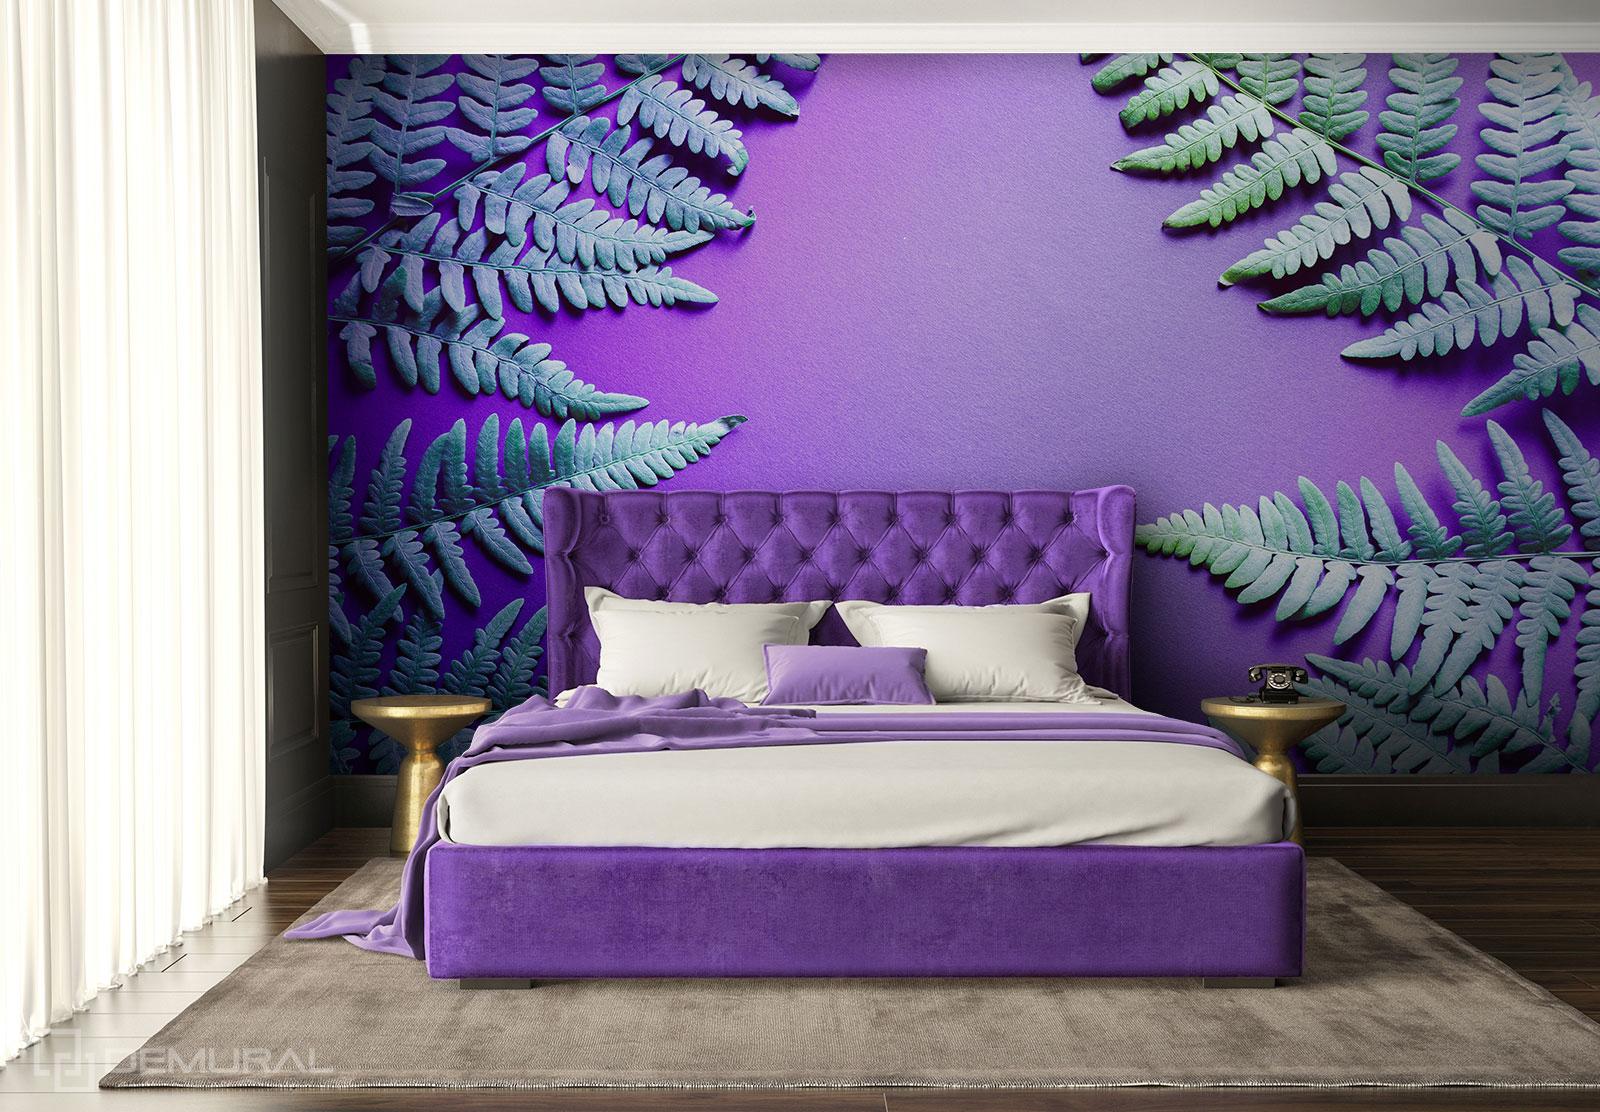 Fototapete Farn-Blume - Ultraviolett Fototapete - Demural